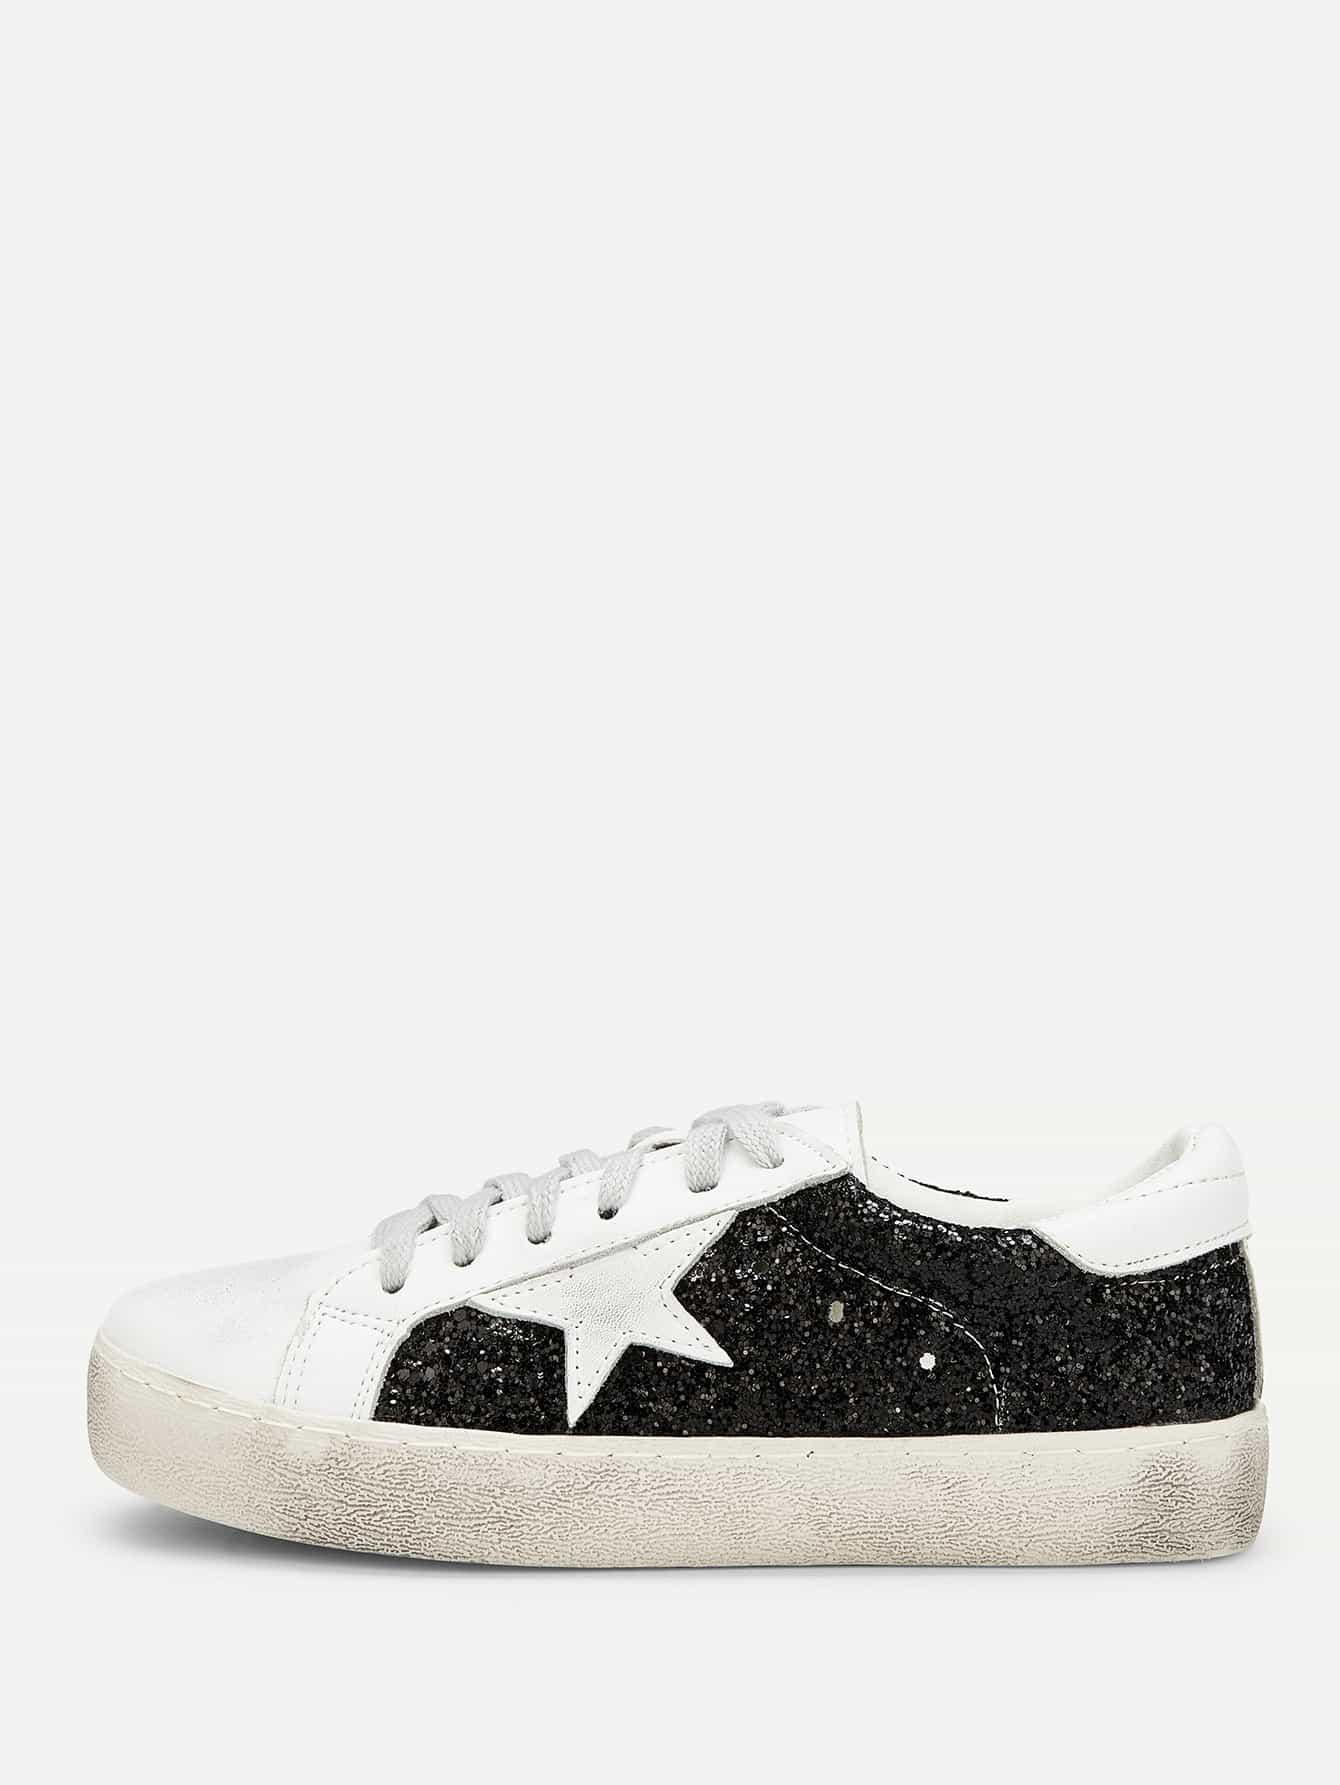 Фото - Блестящие кроссовки с шнурками и принтом звёзд от SheIn цвет красочный